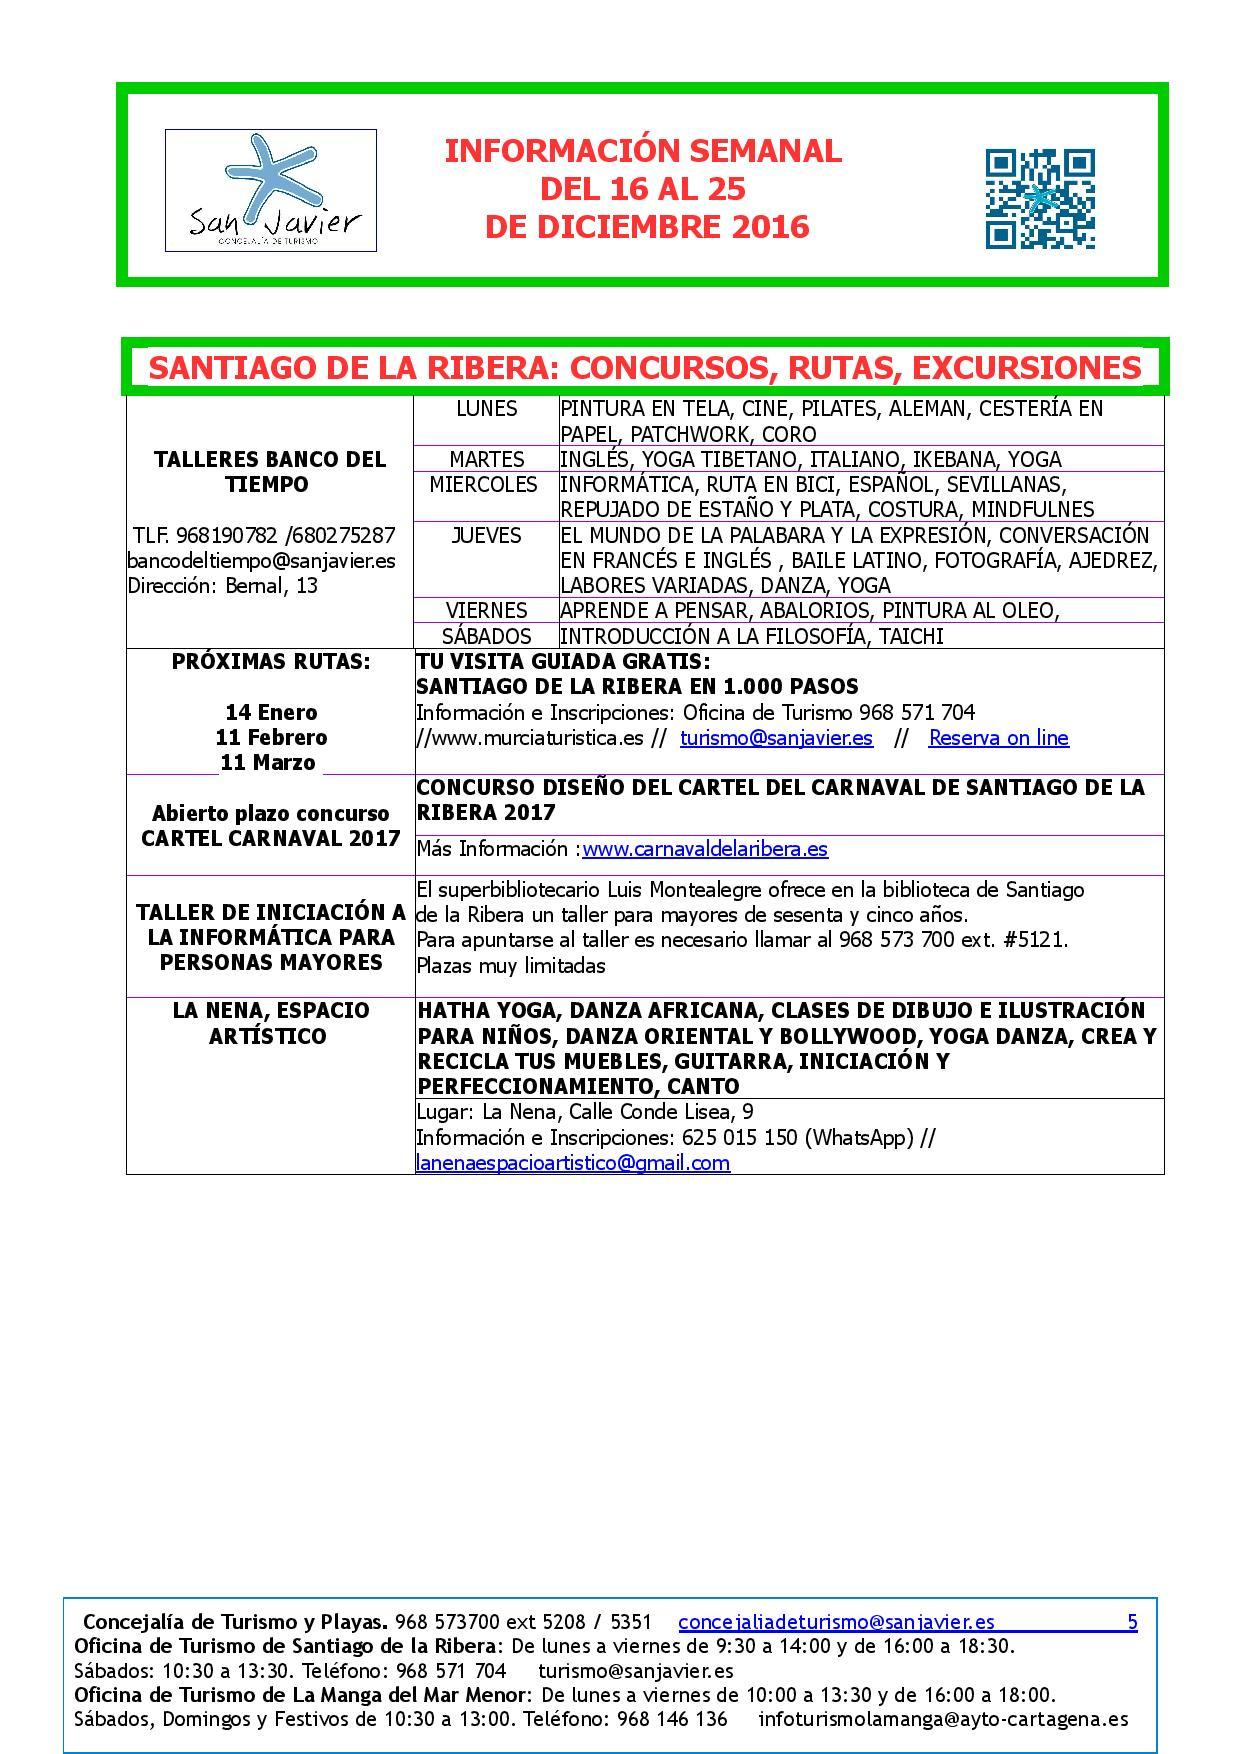 del-16-al-25-de-dic-page-004